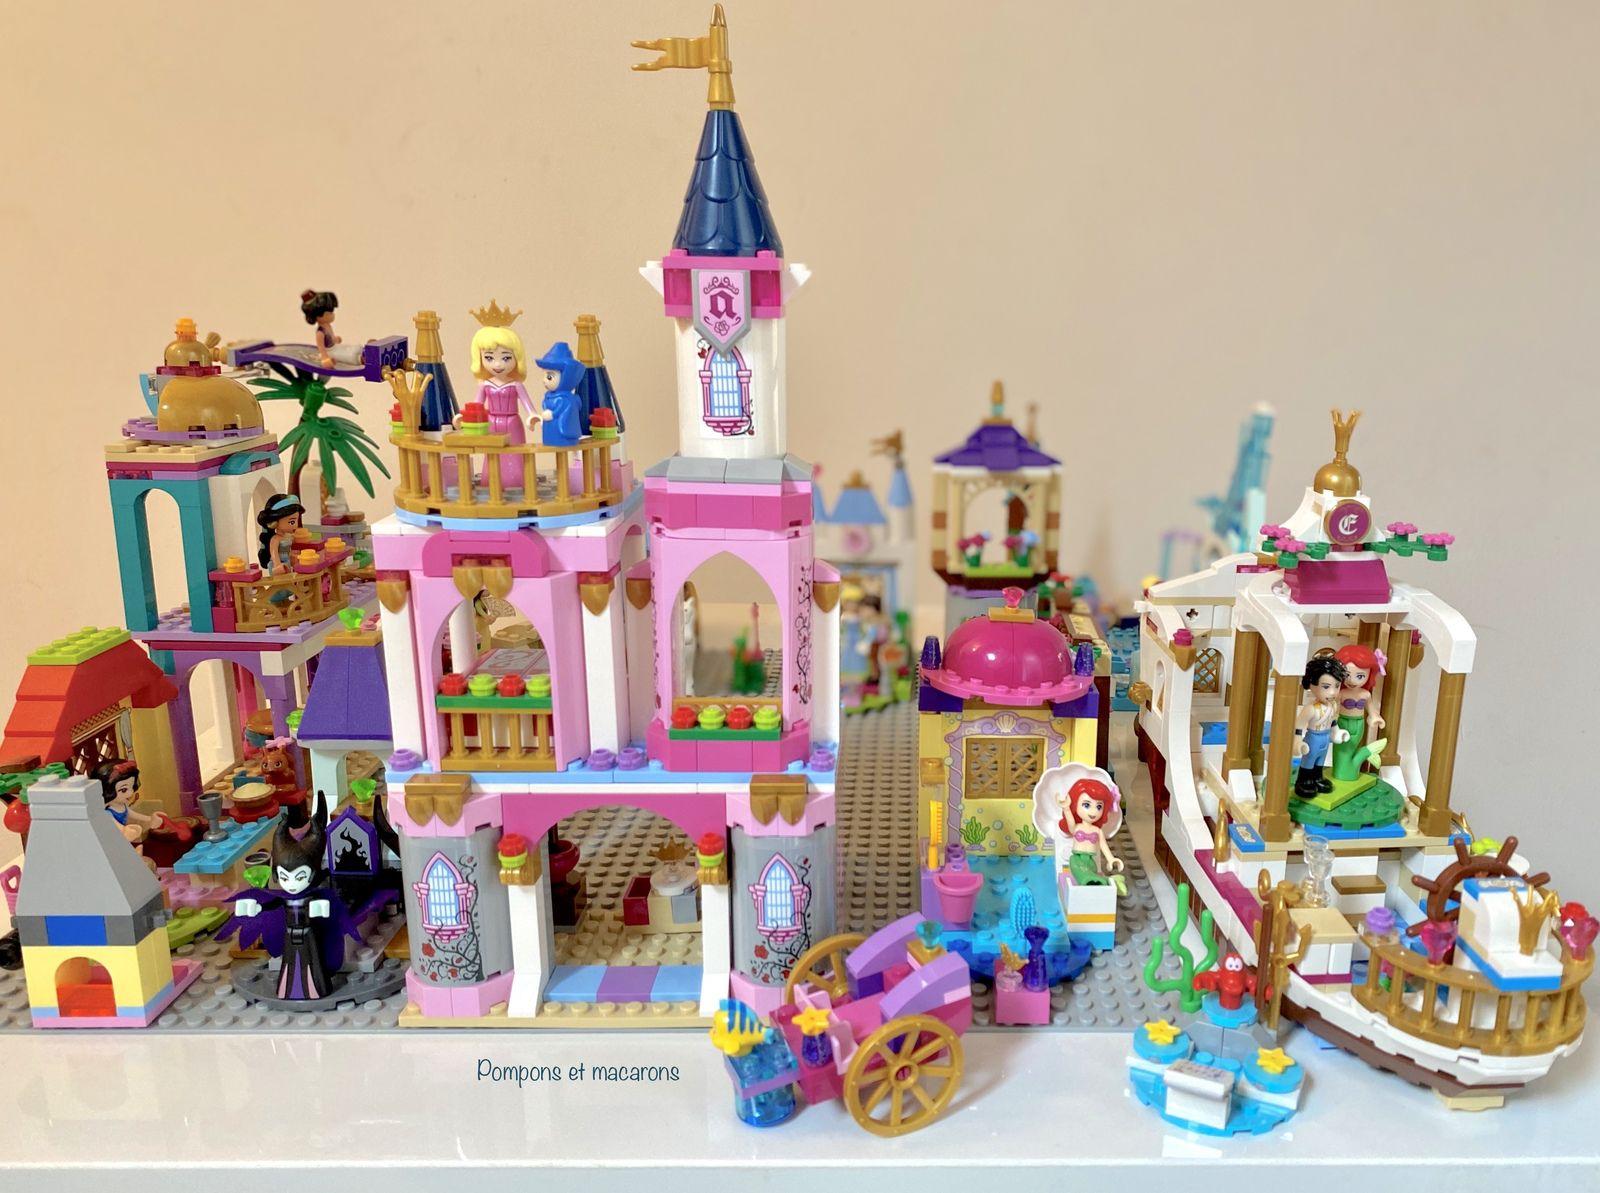 Ca y est le village des princesses Lego est retourné dans sa boîte!